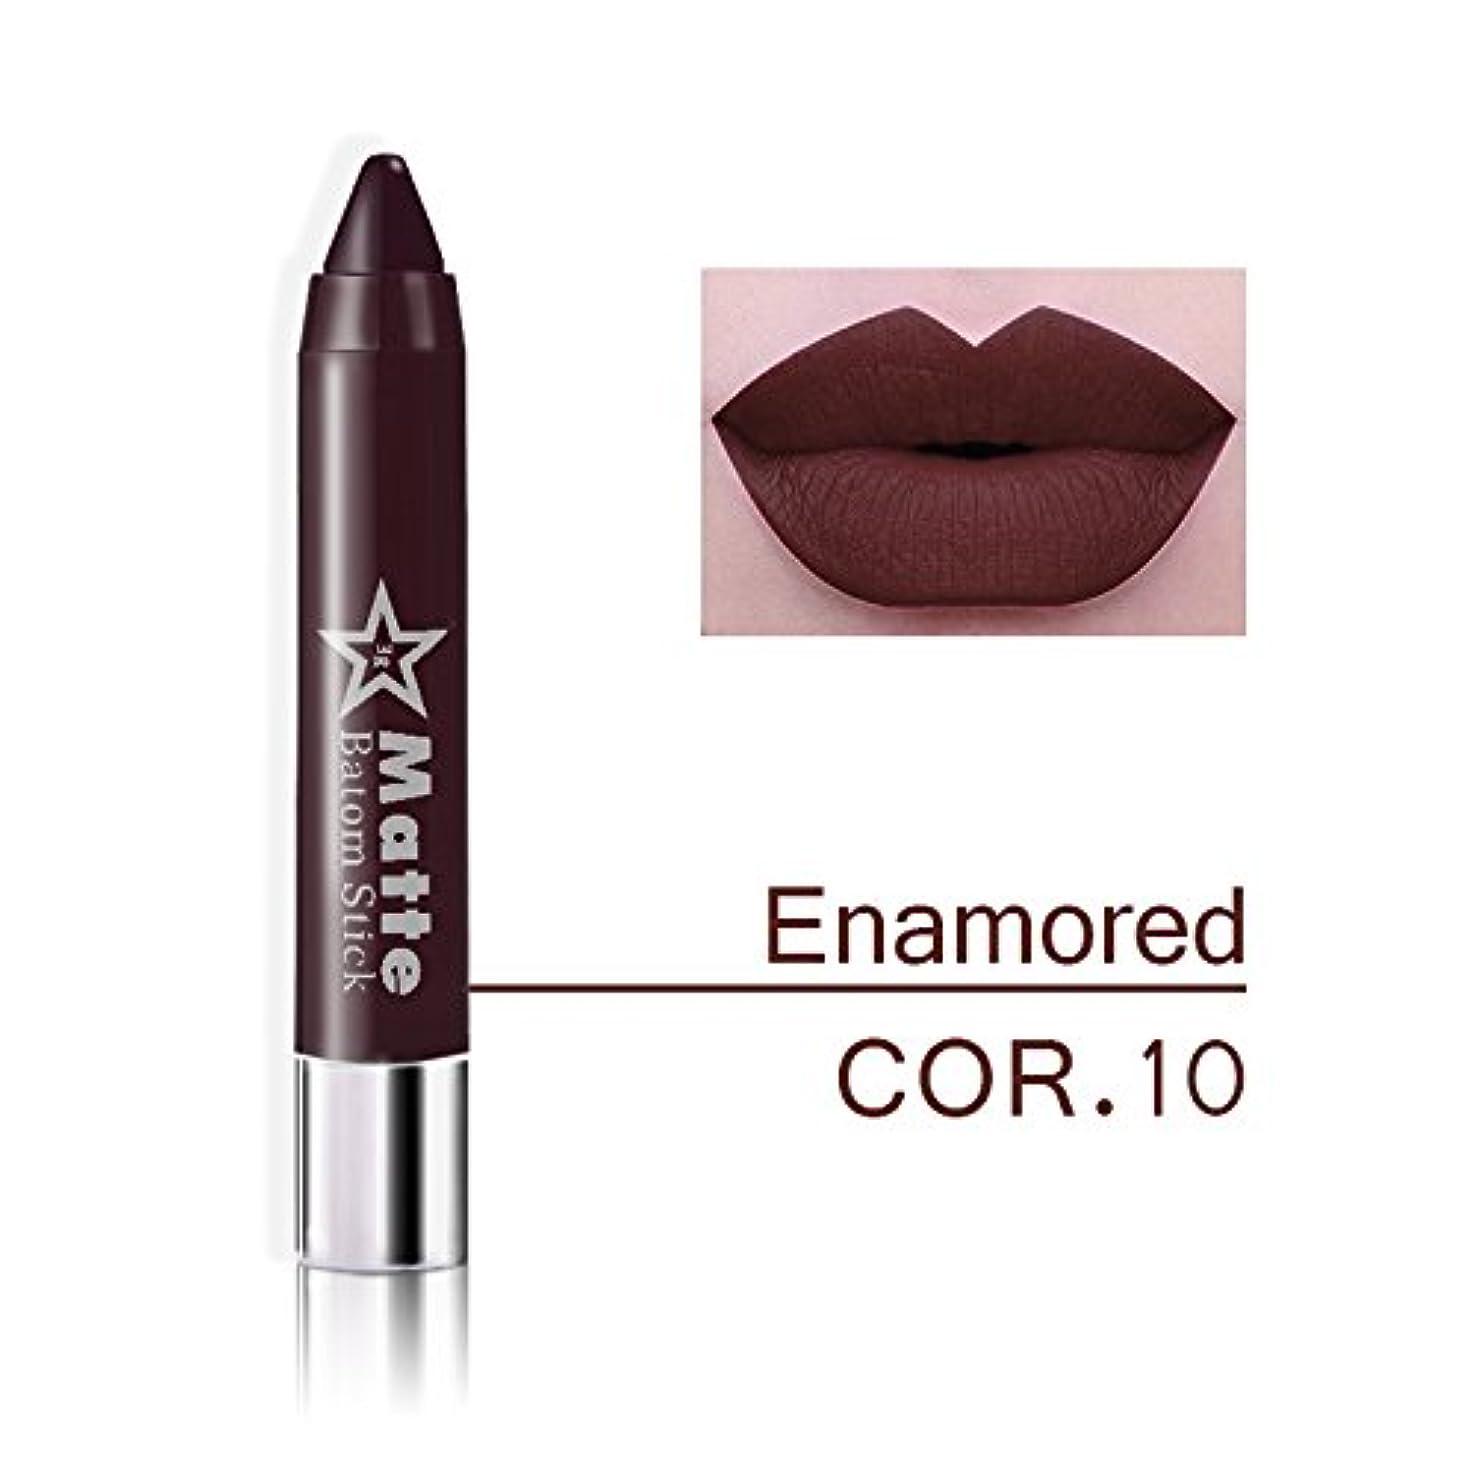 スカリー樹皮ずっとMiss Rose Brand lips Matte Moisturizing Lipstick Makeup Lipsticks Waterproof matte Lip gloss Mate Lipsticks Make up